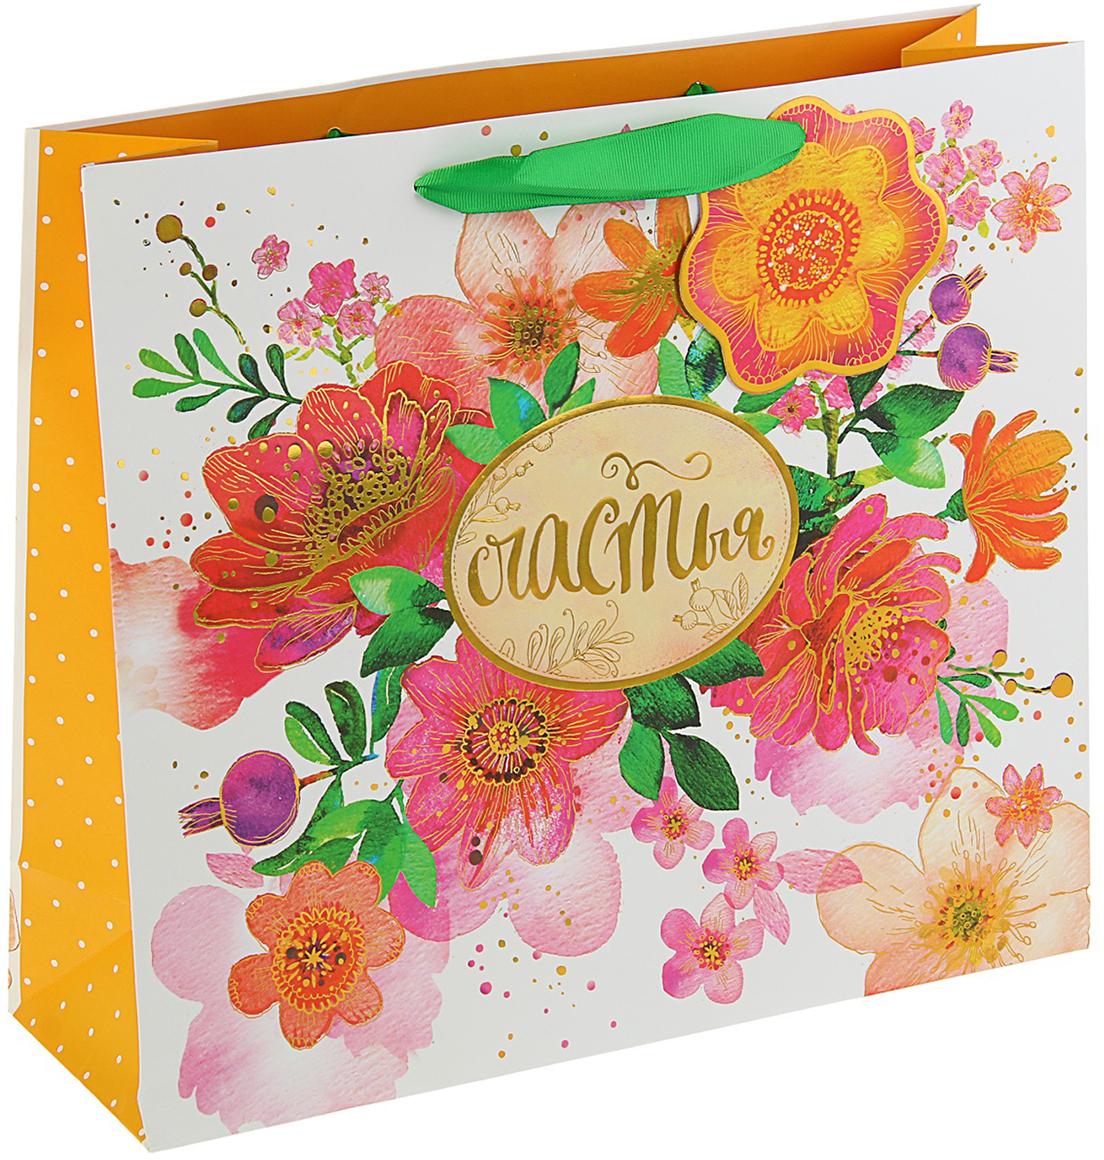 Пакет подарочный Арт и Дизайн Люкс. Нежные чувства, цвет: мультиколор, 32 х 36 х 12 см. 30922563092256Любой подарок начинается с упаковки. Что может быть трогательнее и волшебнее, чем ритуал разворачивания полученного презента. И именно оригинальная, со вкусом выбранная упаковка выделит ваш подарок из массы других. Она продемонстрирует самые теплые чувства к виновнику торжества и создаст сказочную атмосферу праздника. Пакет подарочный Нежные чувства люкс - это то, что вы искали.